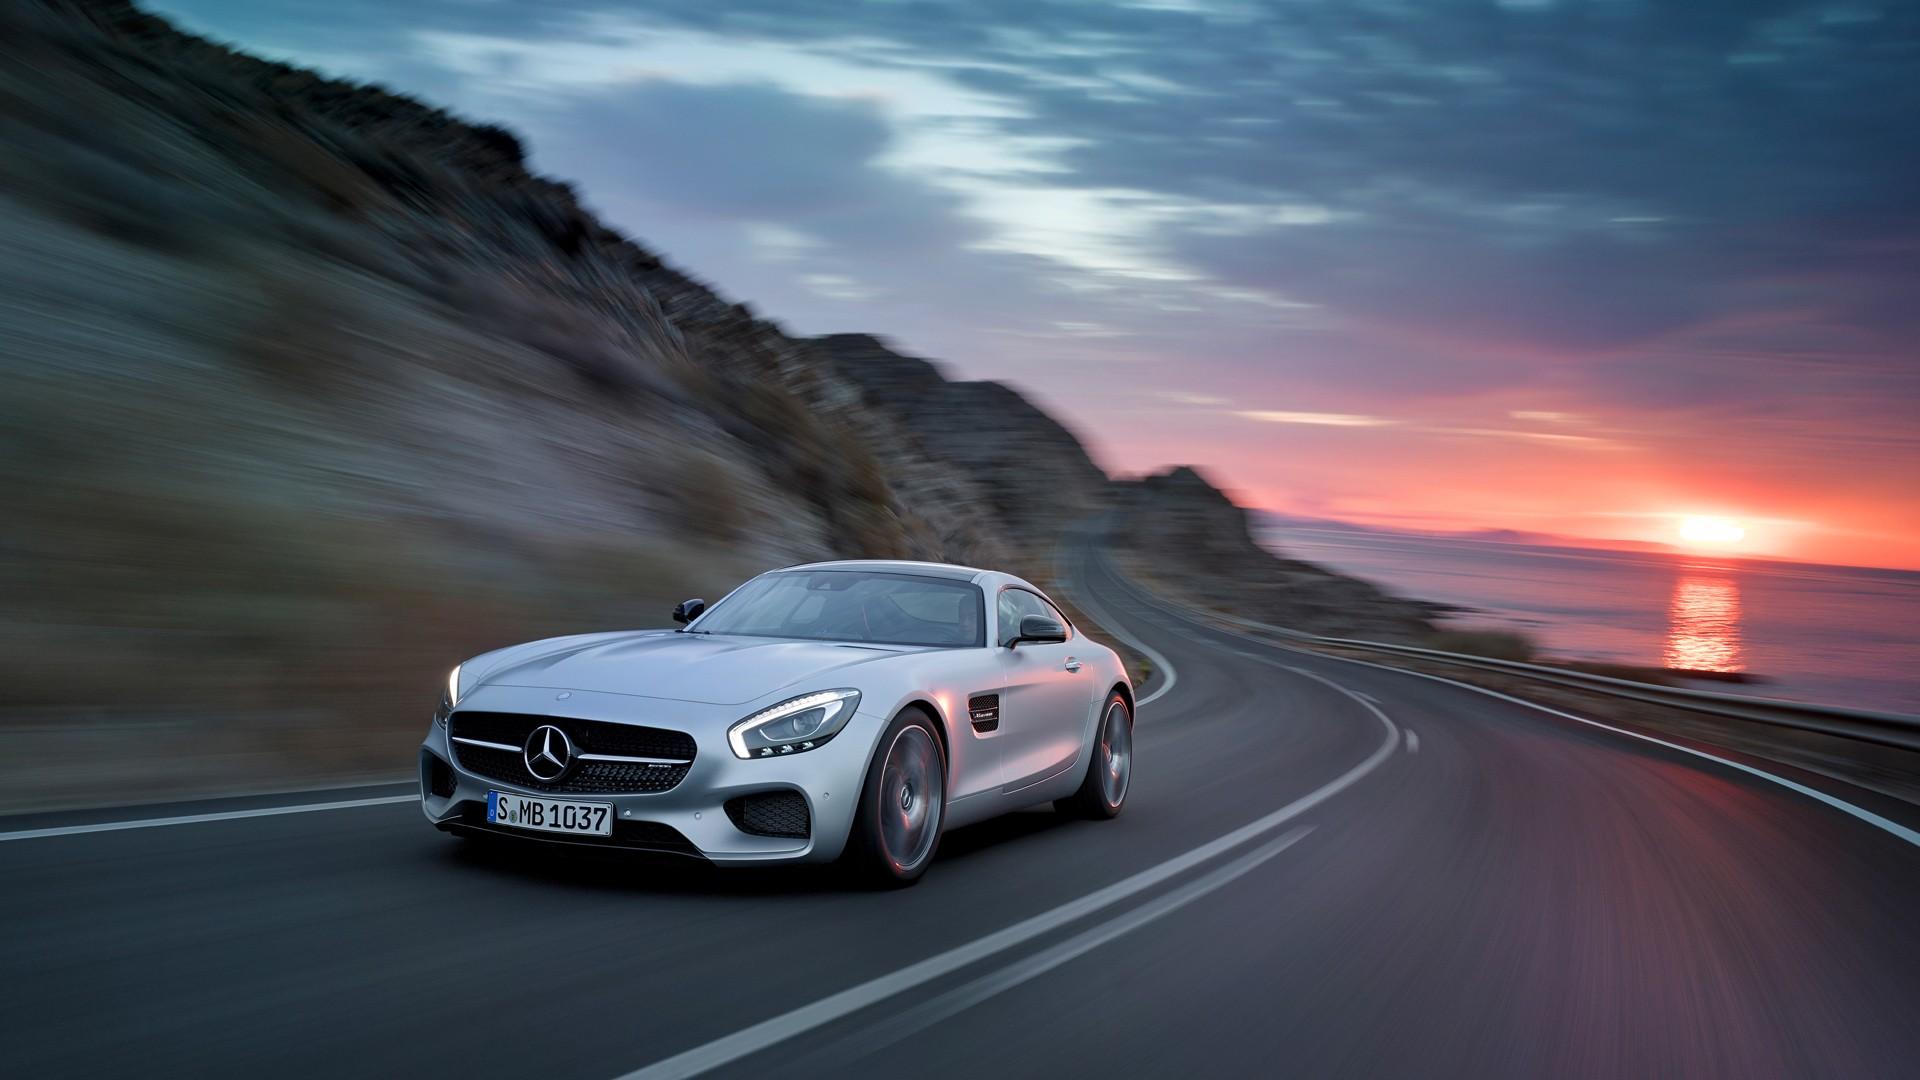 Fond d'écran : 1920x1080 px, voiture, Mercedes Benz AMG GT 1920x1080 - goodfon - 656795 - Fond d ...